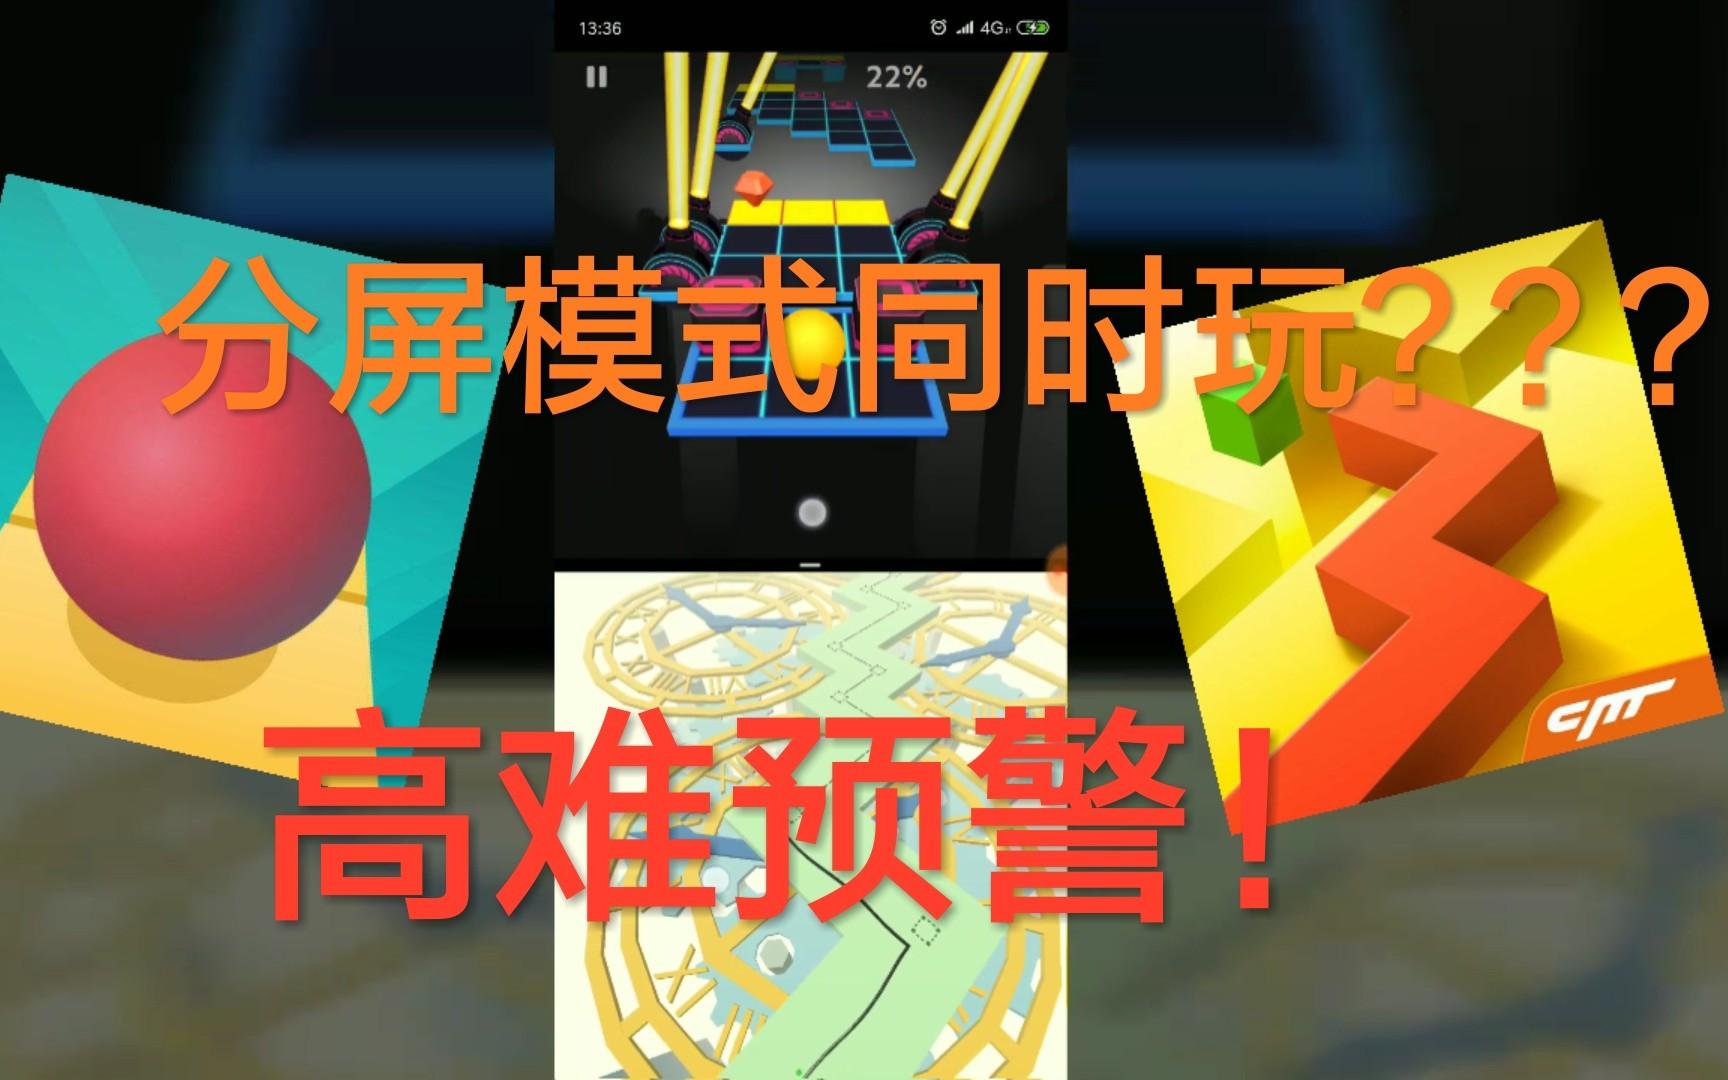 【跳舞的线】这个up居然用米8分屏模式同时玩滚动的天空和跳舞的线?